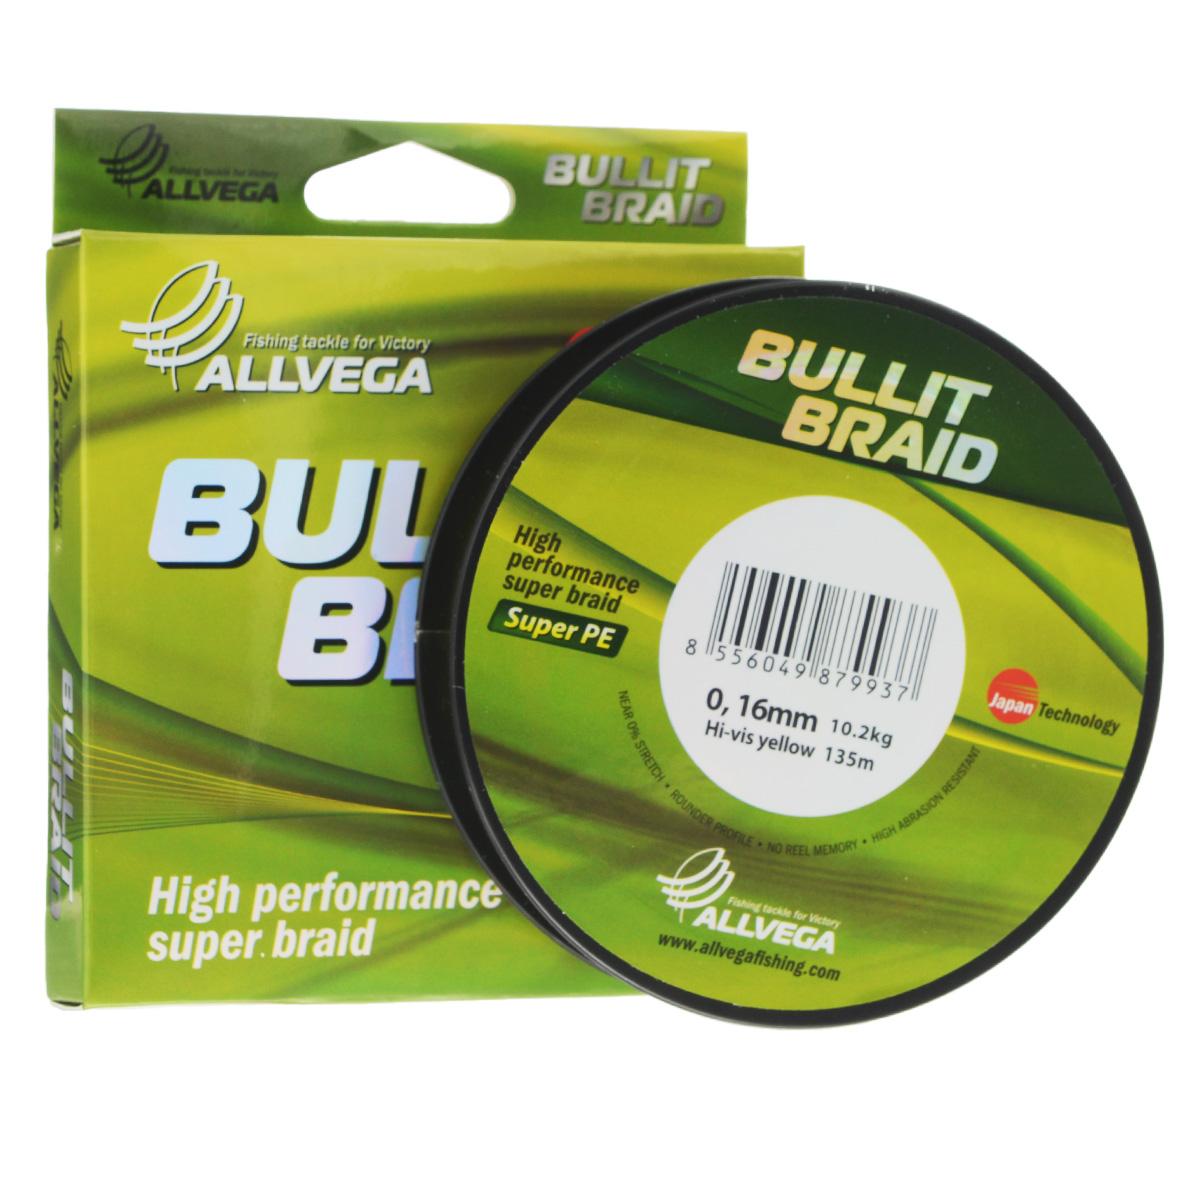 Леска плетеная Allvega Bullit Braid, цвет: ярко-желтый, 135 м, 0,16 мм, 10,2 кг21452Леска Allvega Bullit Braid с гладкой поверхностью и одинаковым сечением по всей длине обладает высокой износостойкостью. Благодаря микроволокнам полиэтилена (Super PE) леска имеет очень плотное плетение и не впитывает воду. Леску Allvega Bullit Braid можно применять в любых типах водоемов. Особенности: повышенная износостойкость; высокая чувствительность - коэффициент растяжения близок к нулю; отсутствует память; идеально гладкая поверхность позволяет увеличить дальность забросов; высокая прочность шнура на узлах.